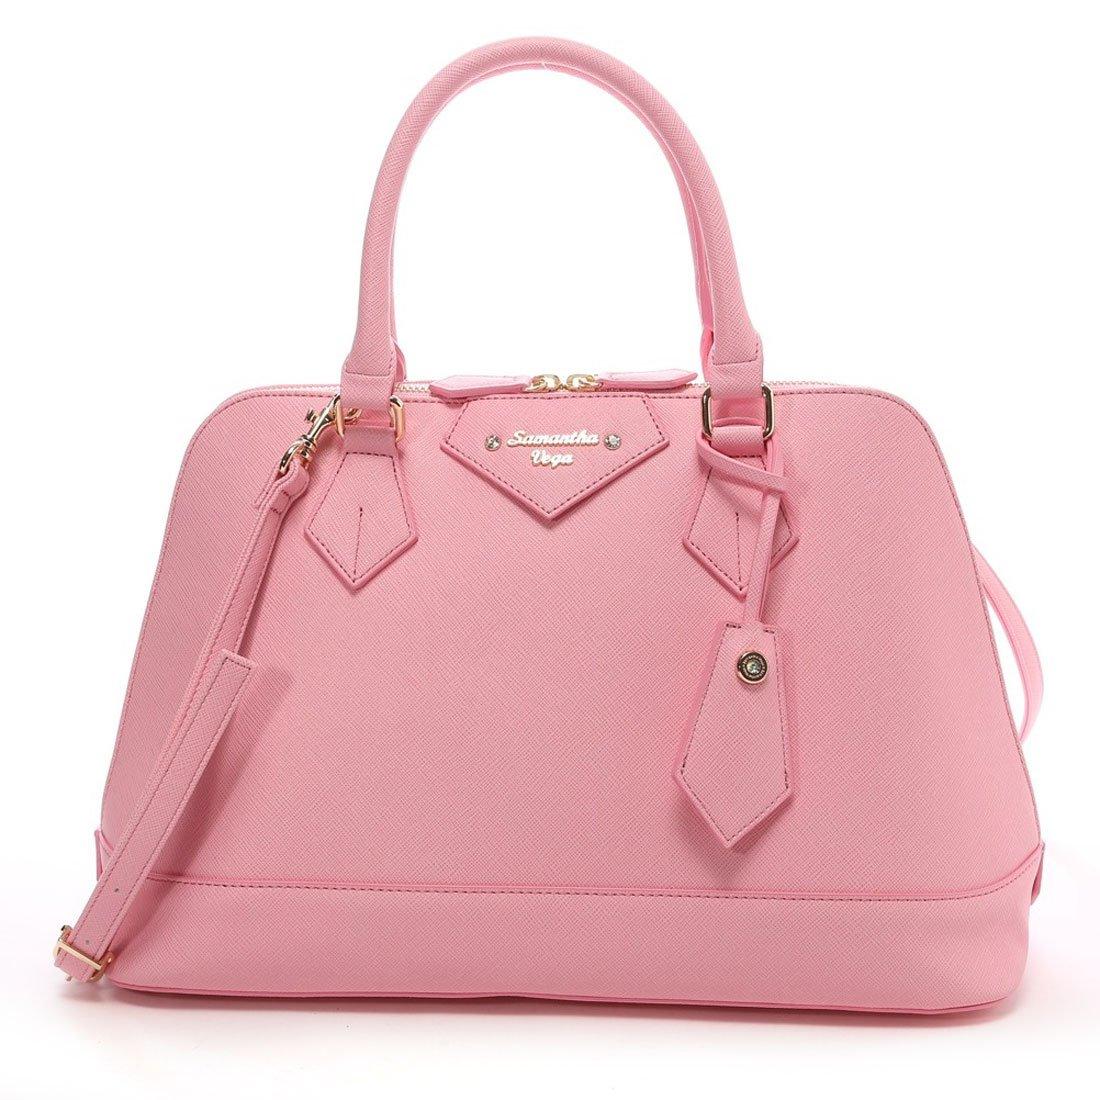 Samantha Thavasa Vega Tote bag Hand bag Coral pink NEW F/S Japan